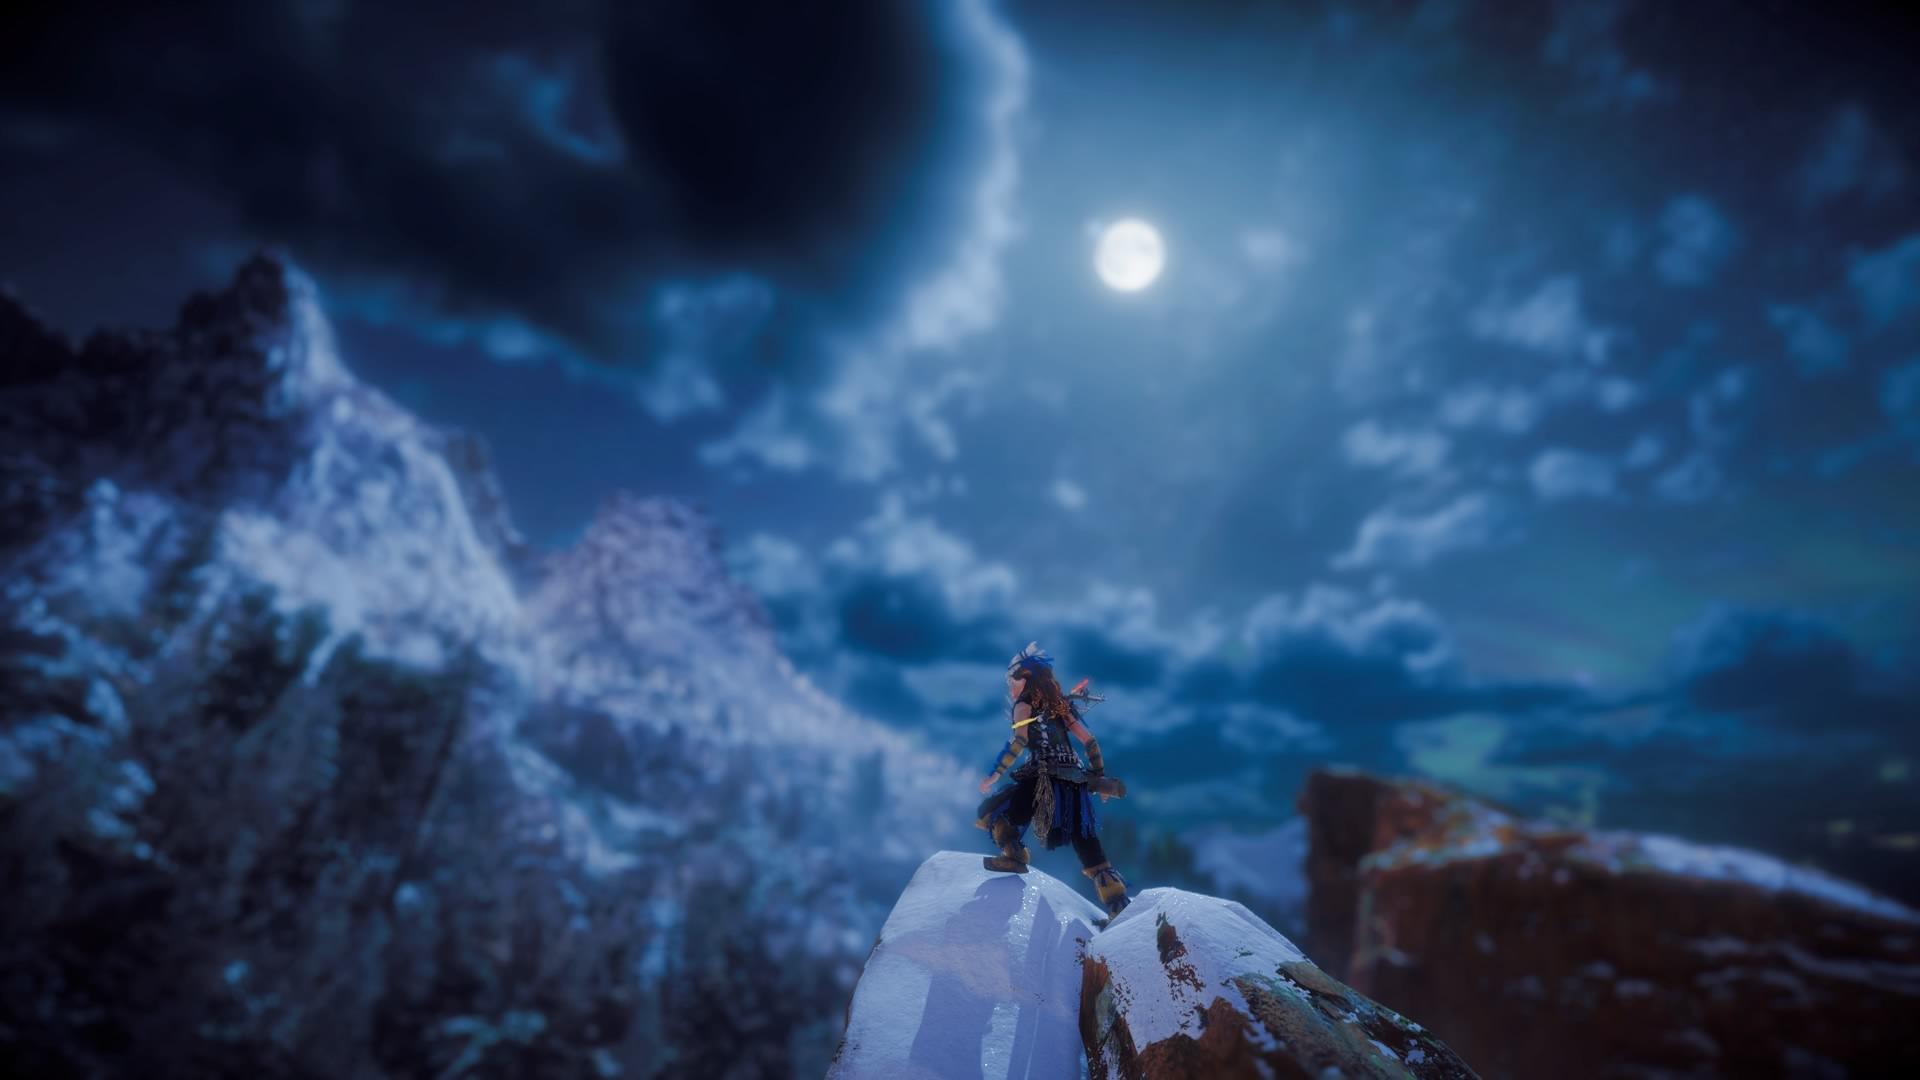 Aloy auf einem eisigen Gipfel bei Nacht